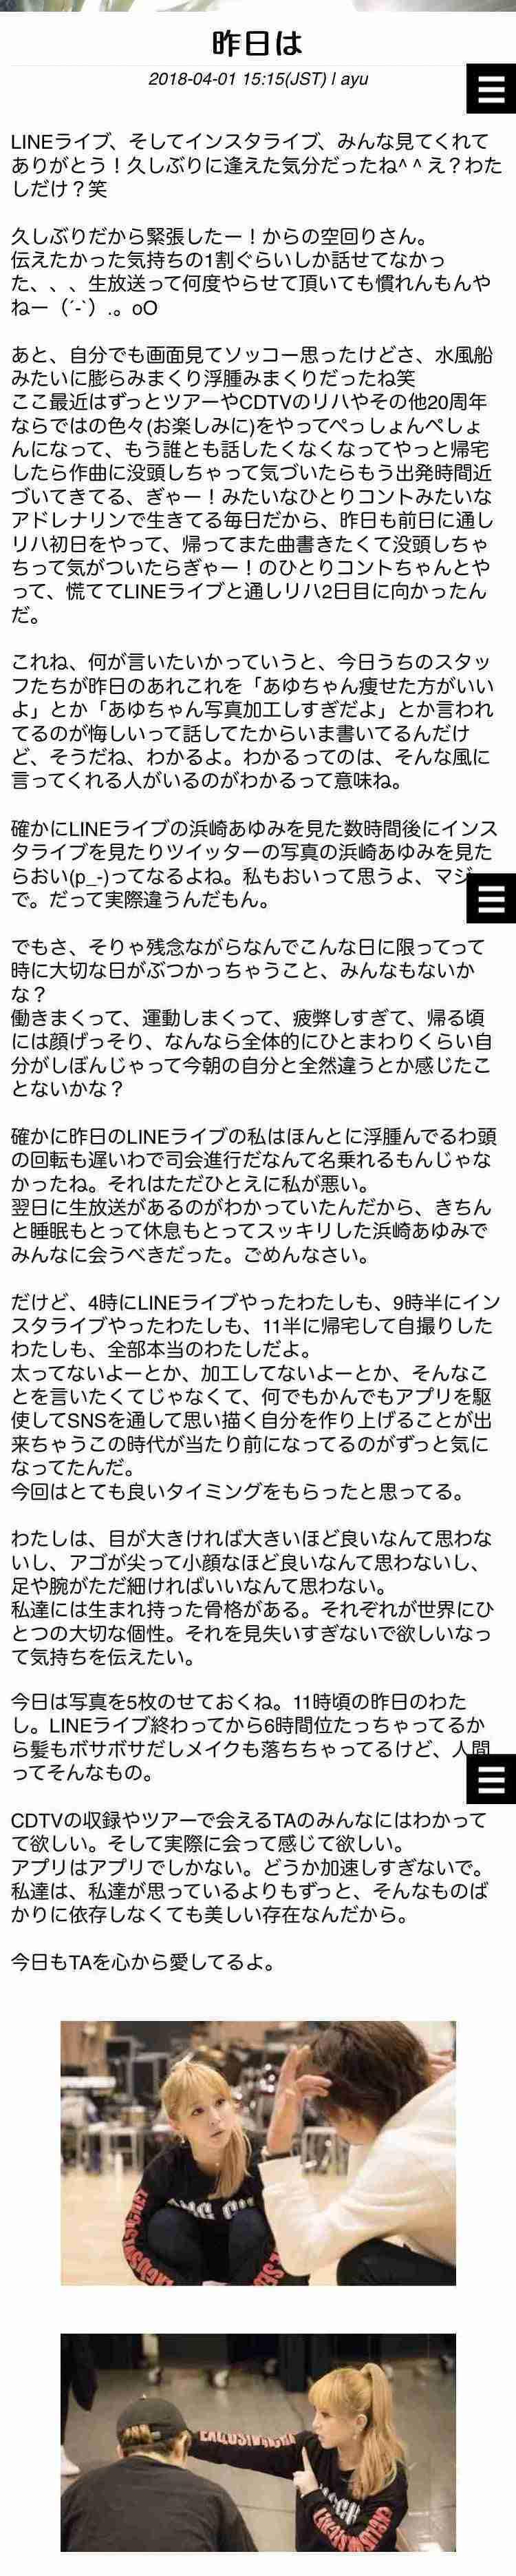 浜崎あゆみが「洗いたての子犬感」 ライブ後の「濡れ髪」ショットに反響